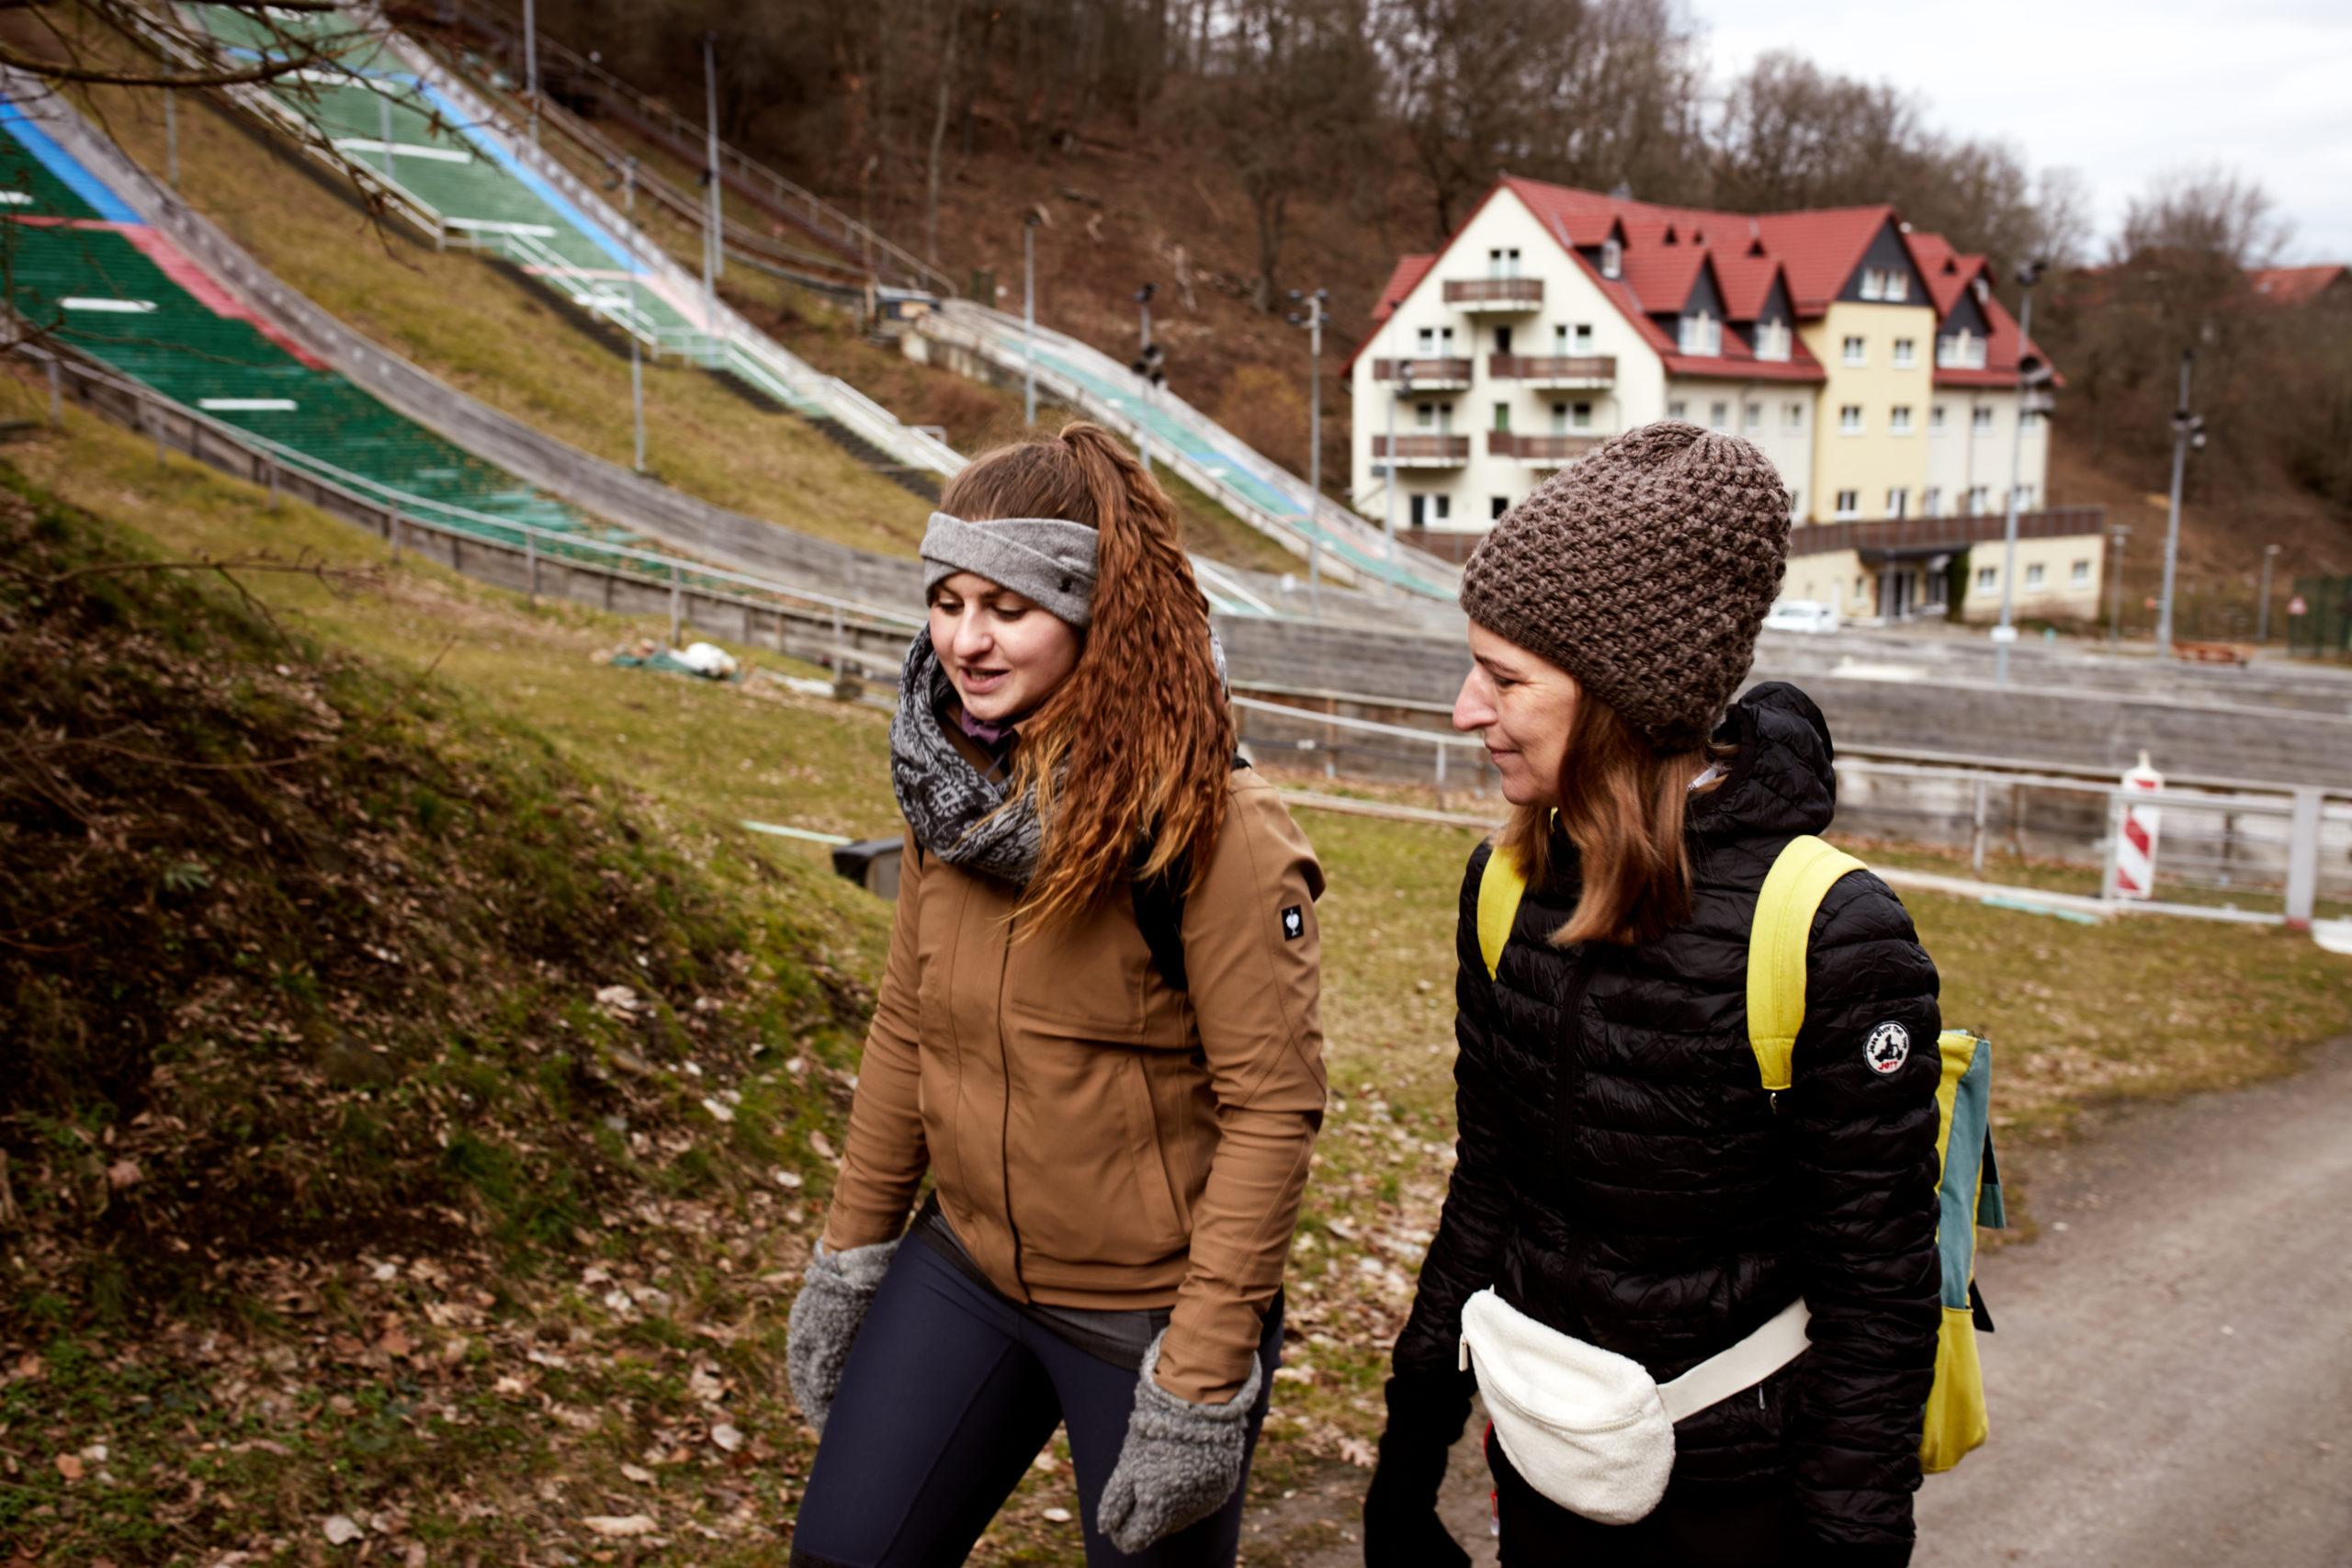 Marita-und-Sara-wandern-zur-Harburg-im-Harz-in-Wernigerode